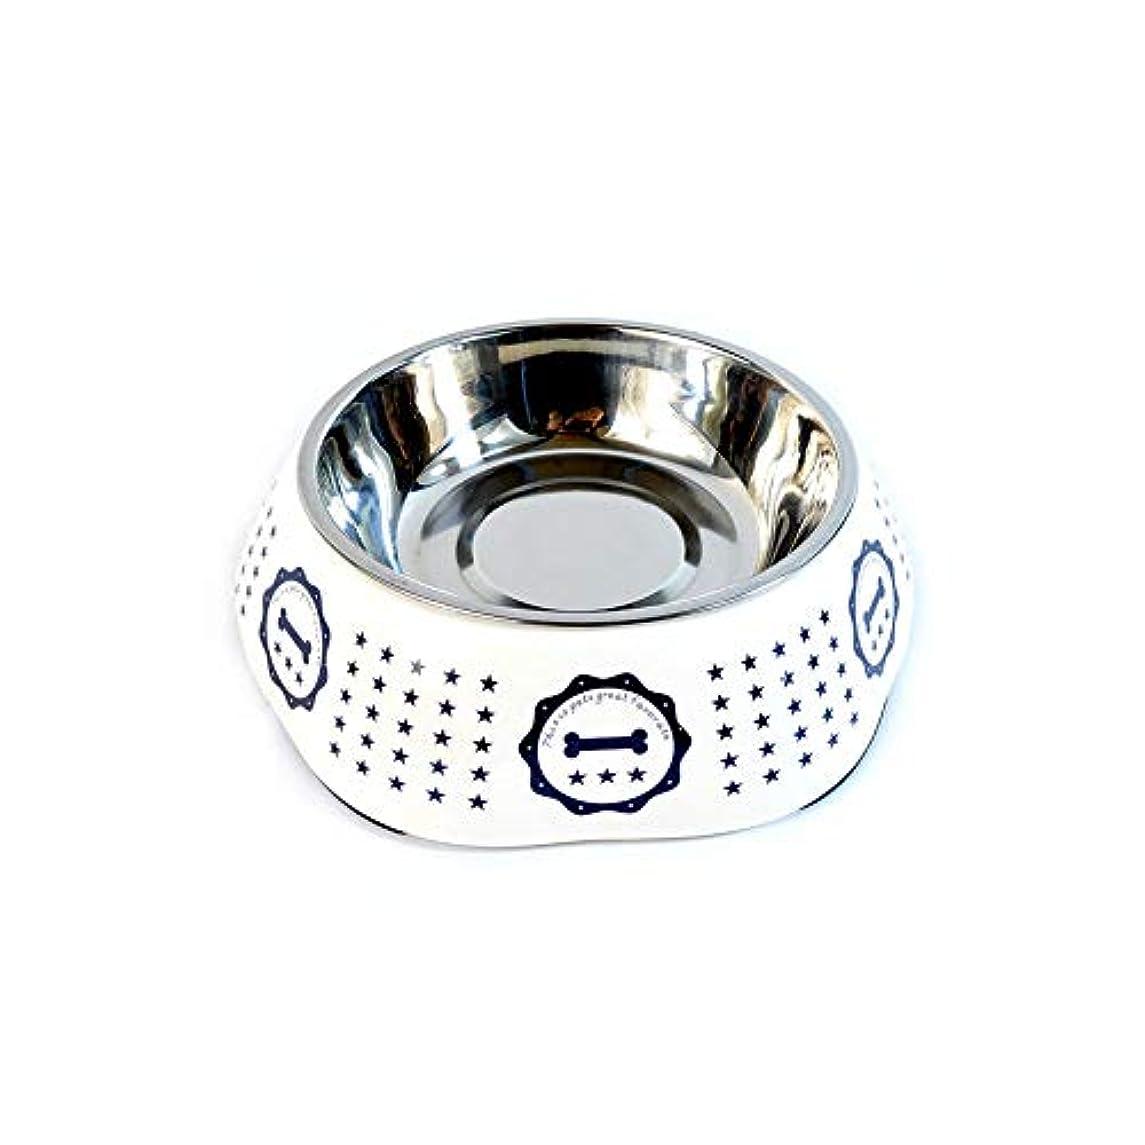 Xian ドッグボウルステンレススチールおよびメラミンデザイン、子犬および猫用フードフィーダ、シングルボウル - ライトブルーパターン Easy to Clean Non-Skid Bowls for Dogs (Size : 6.2*4.4*1.6)